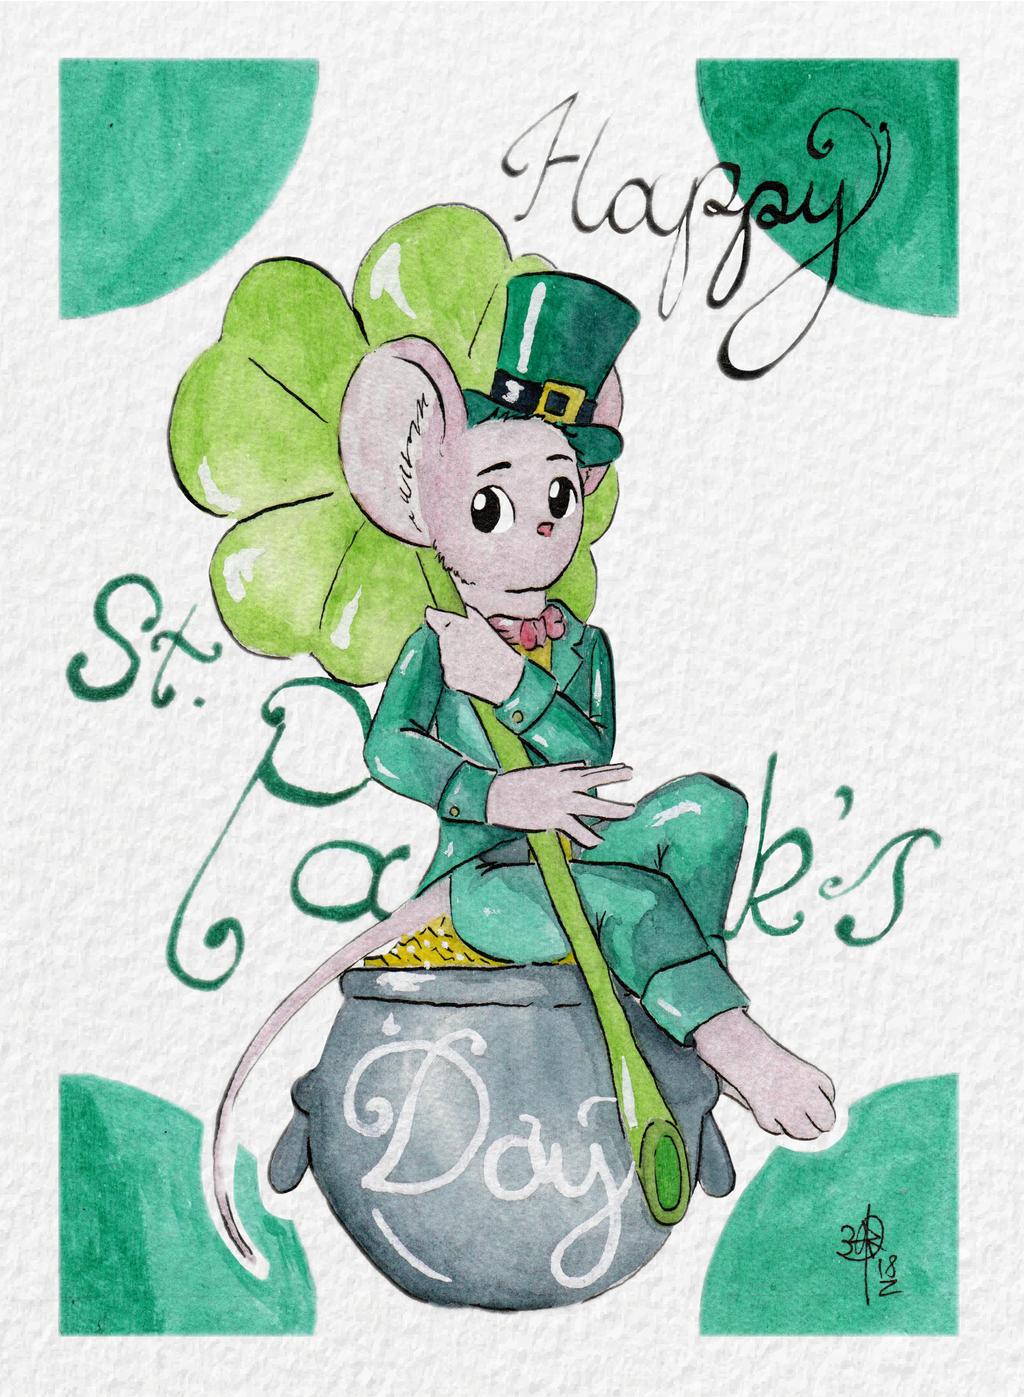 Lischeen's St. Patrick's Day 2018